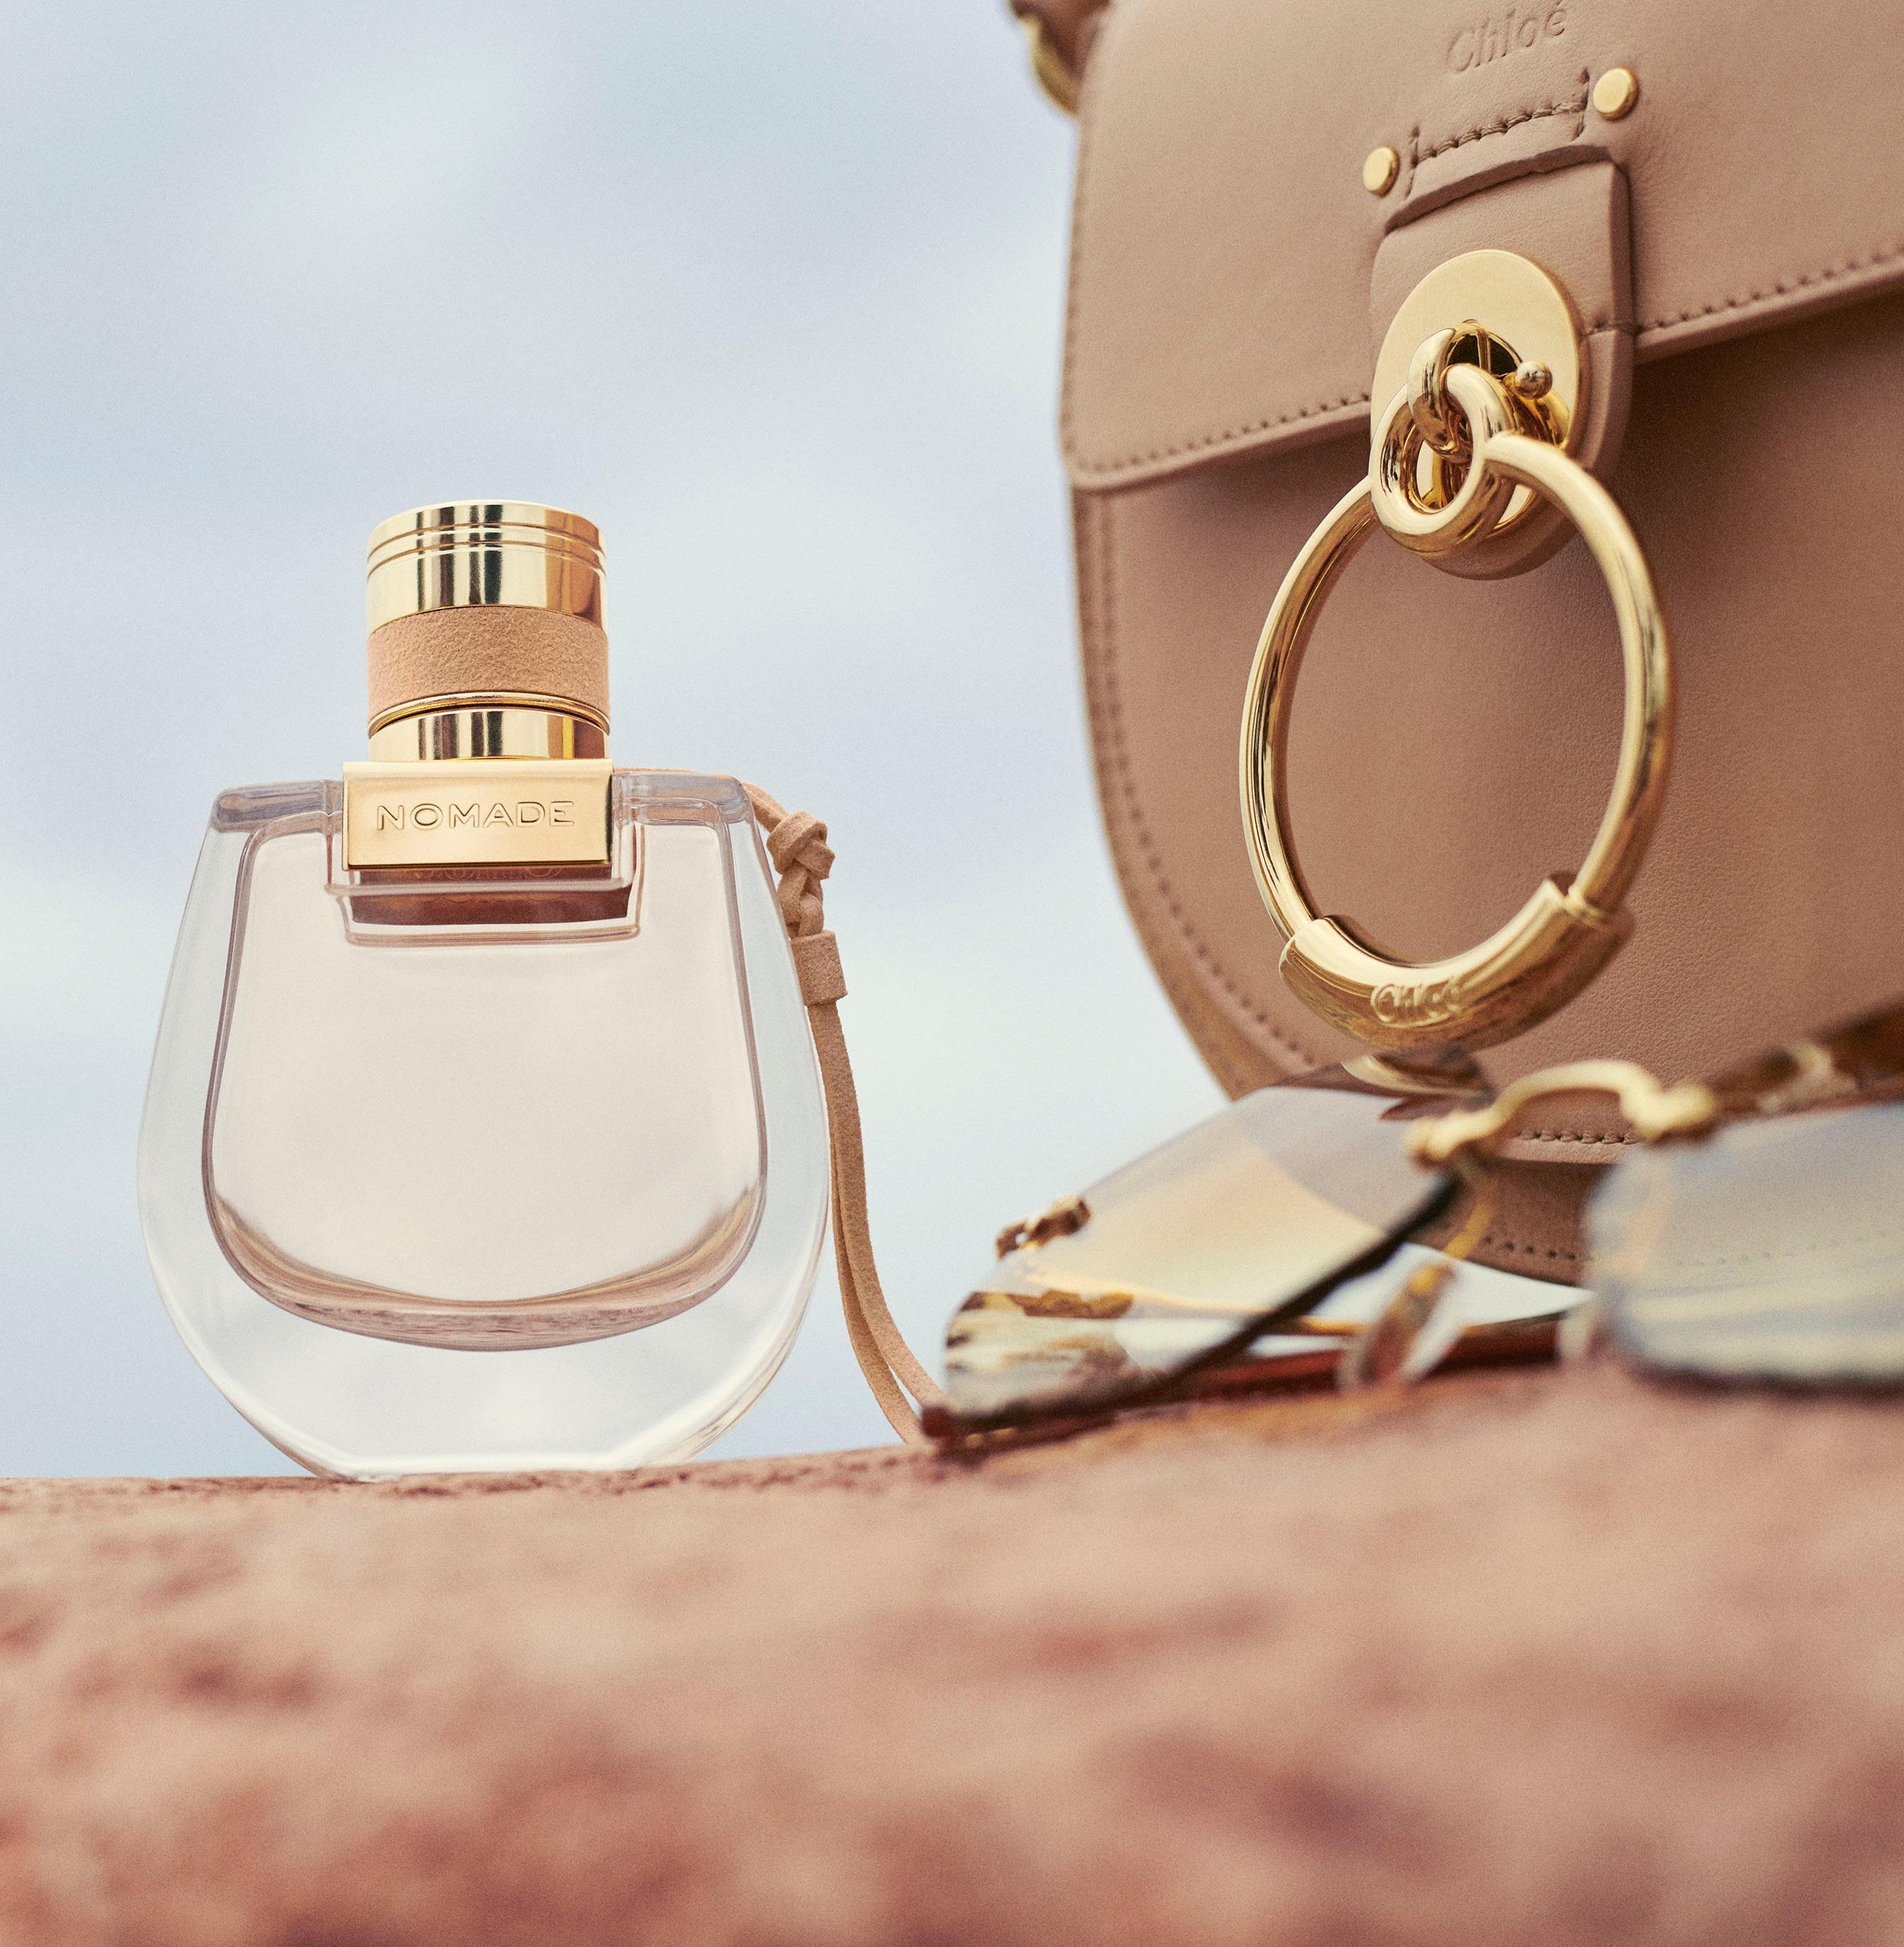 Nomade Eau de Toilette Chloé perfume - a new fragrance for ...